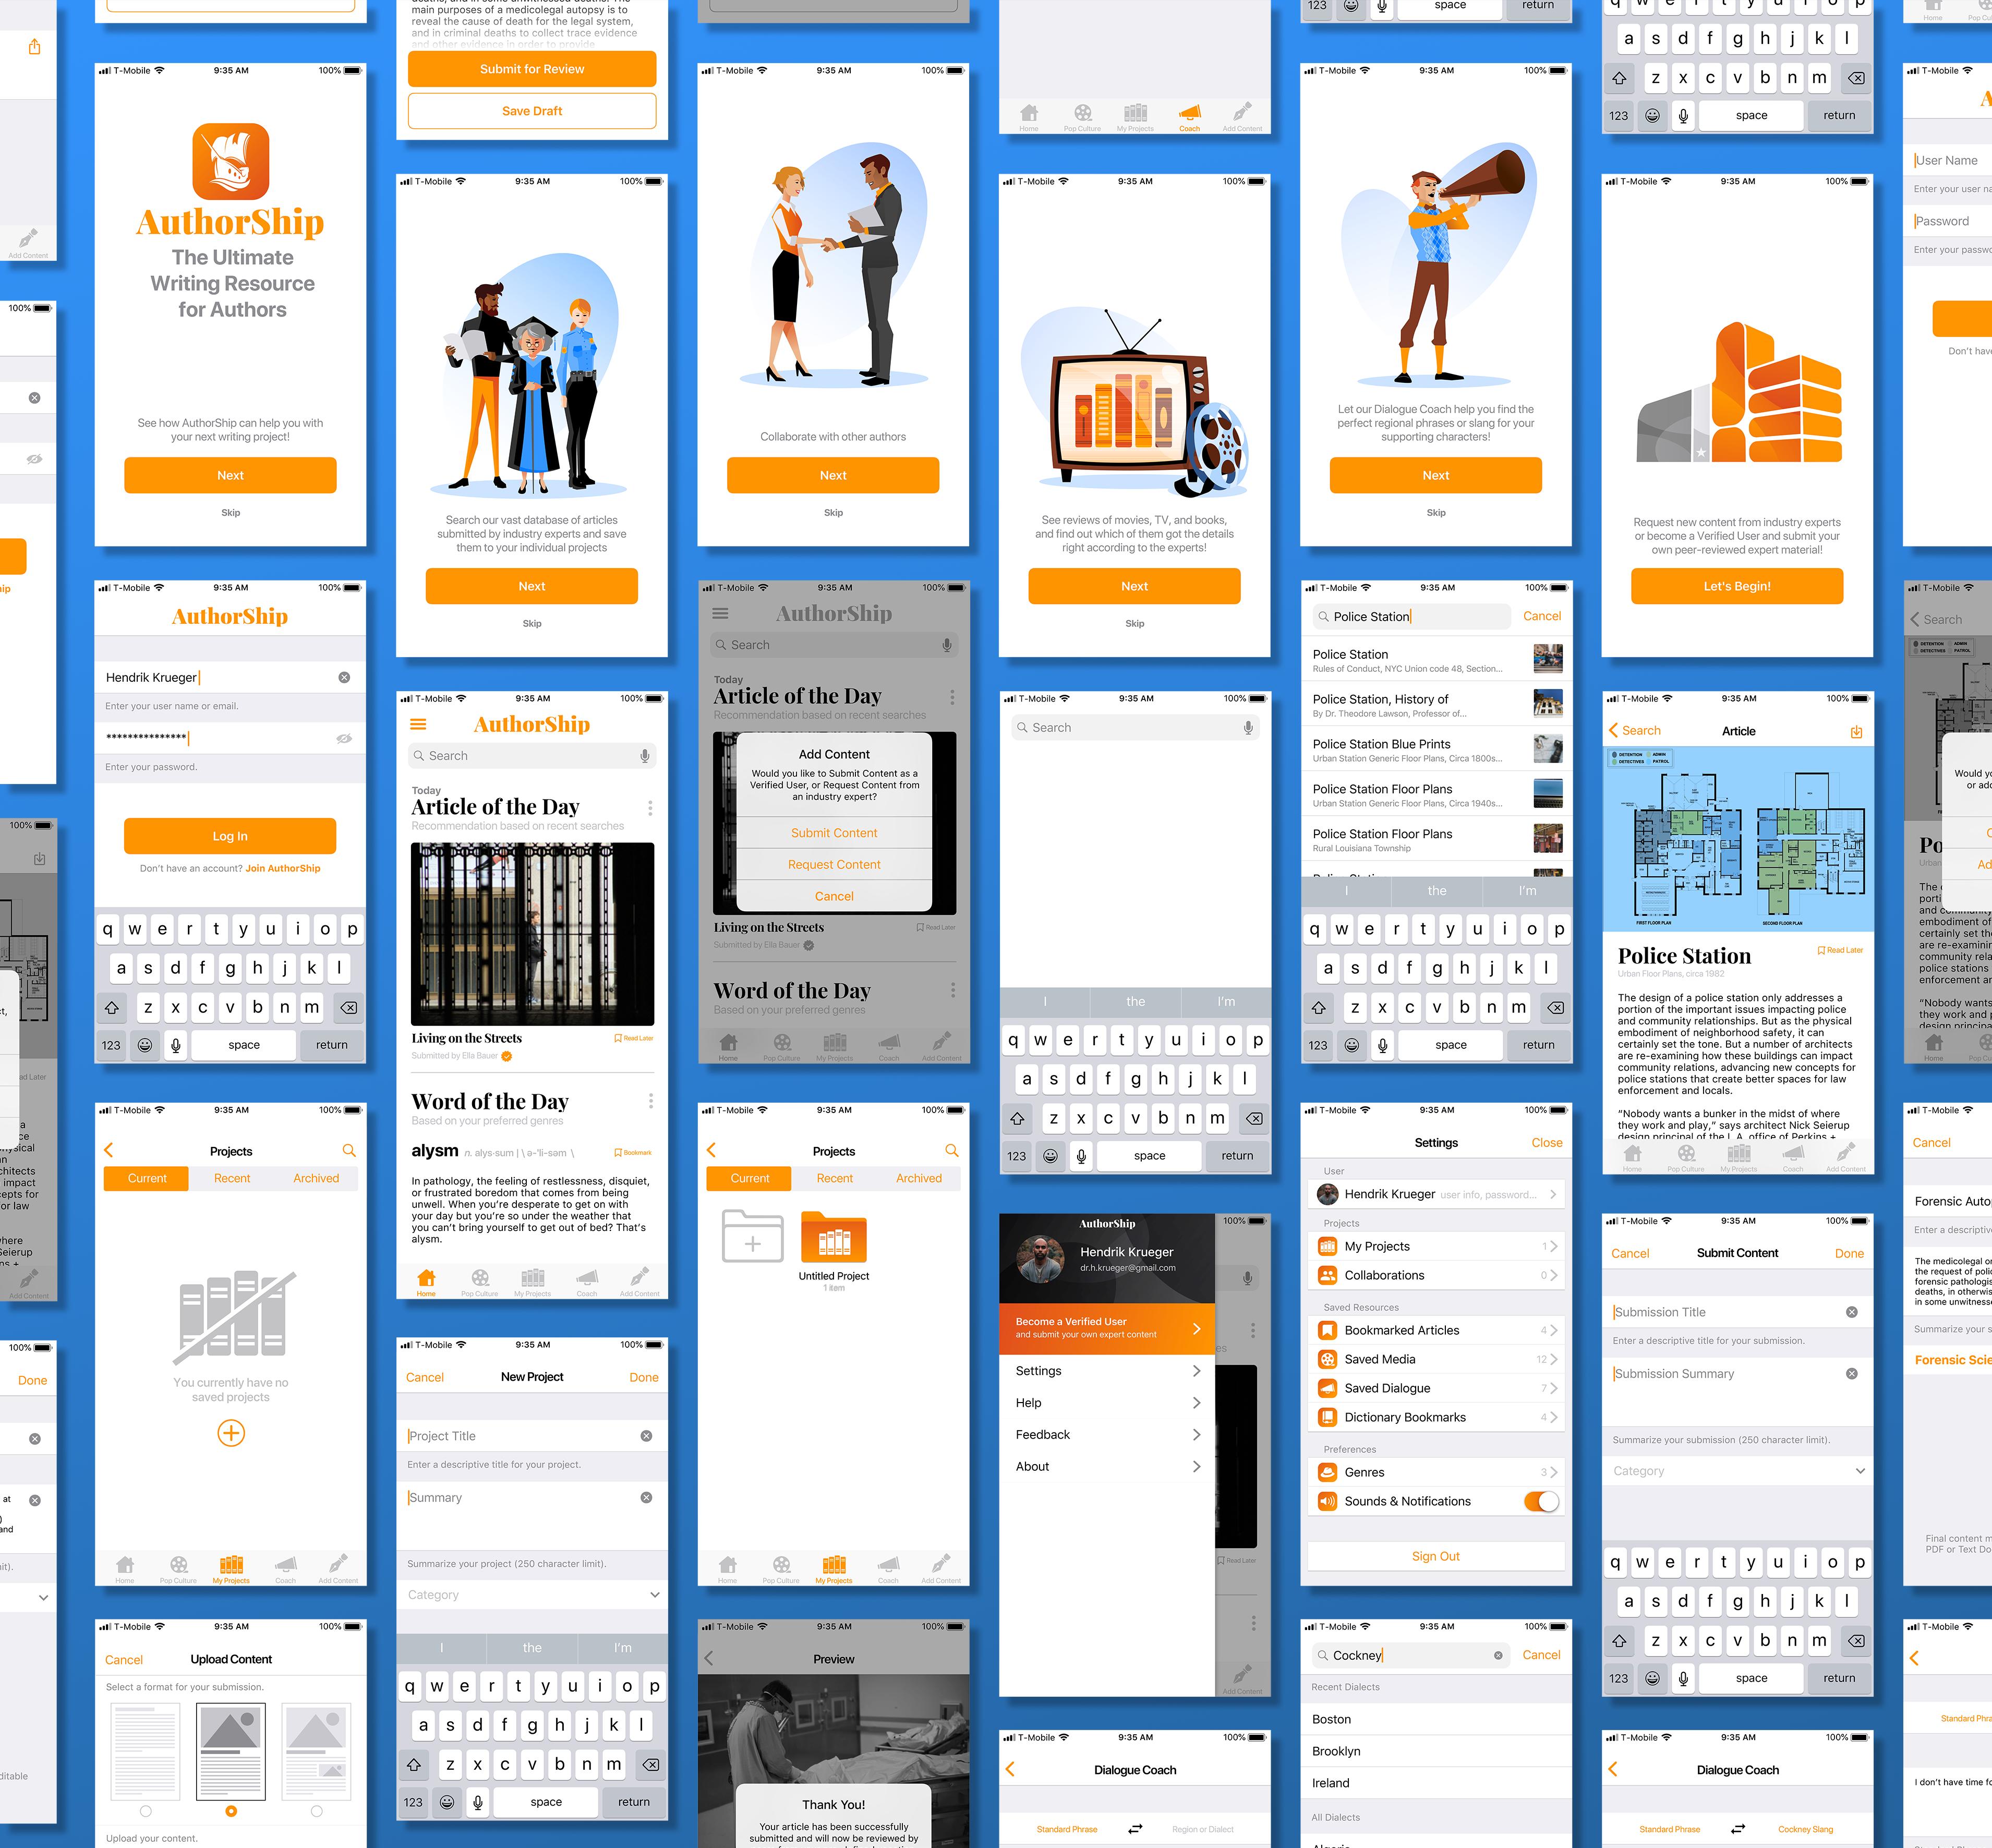 AuthorShip High Fidelity Mockup iOS-0001